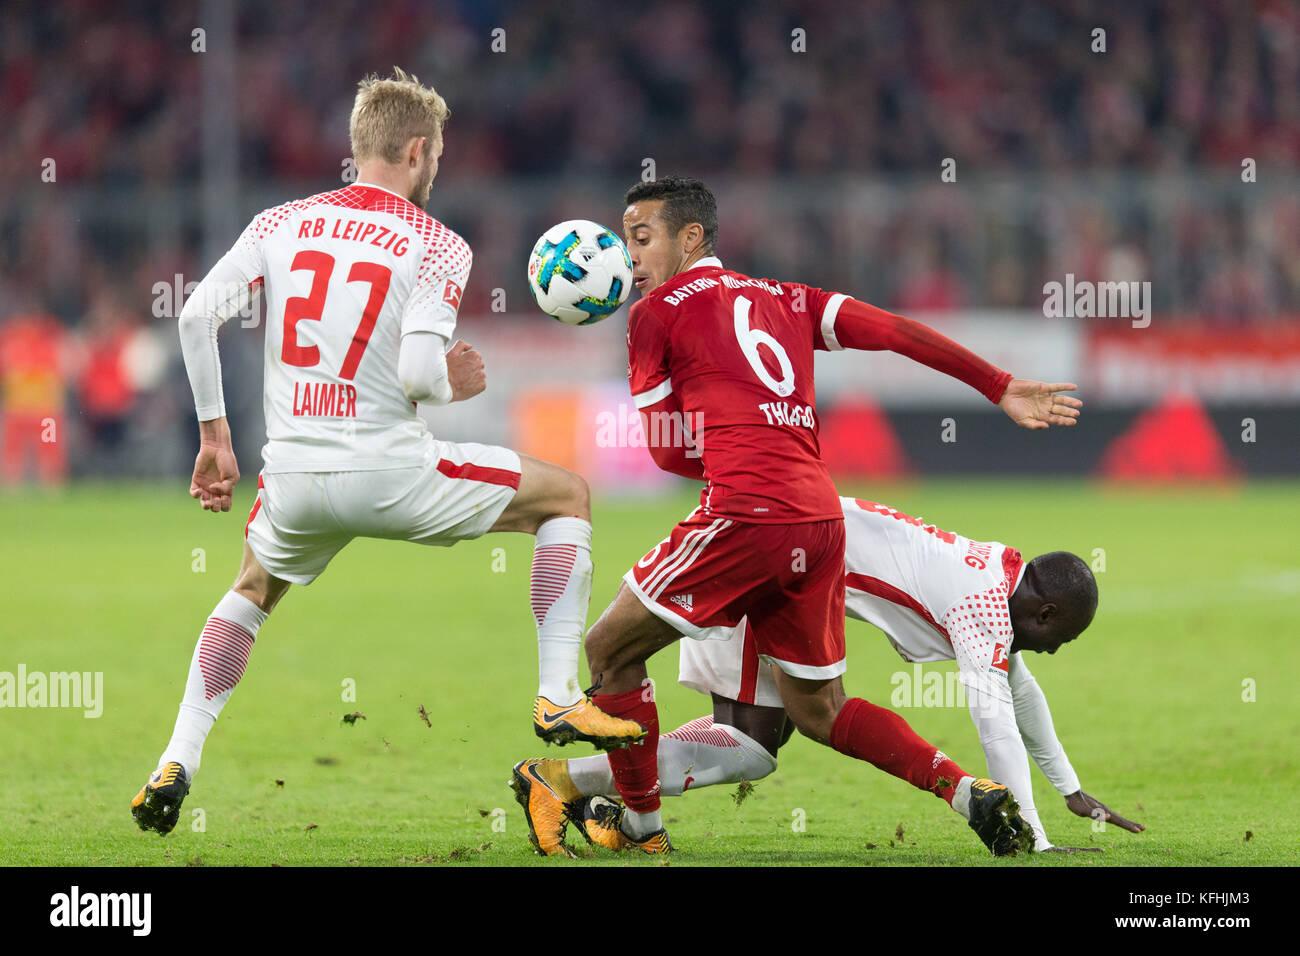 Terza Maglia RB Leipzig Konrad Laimer